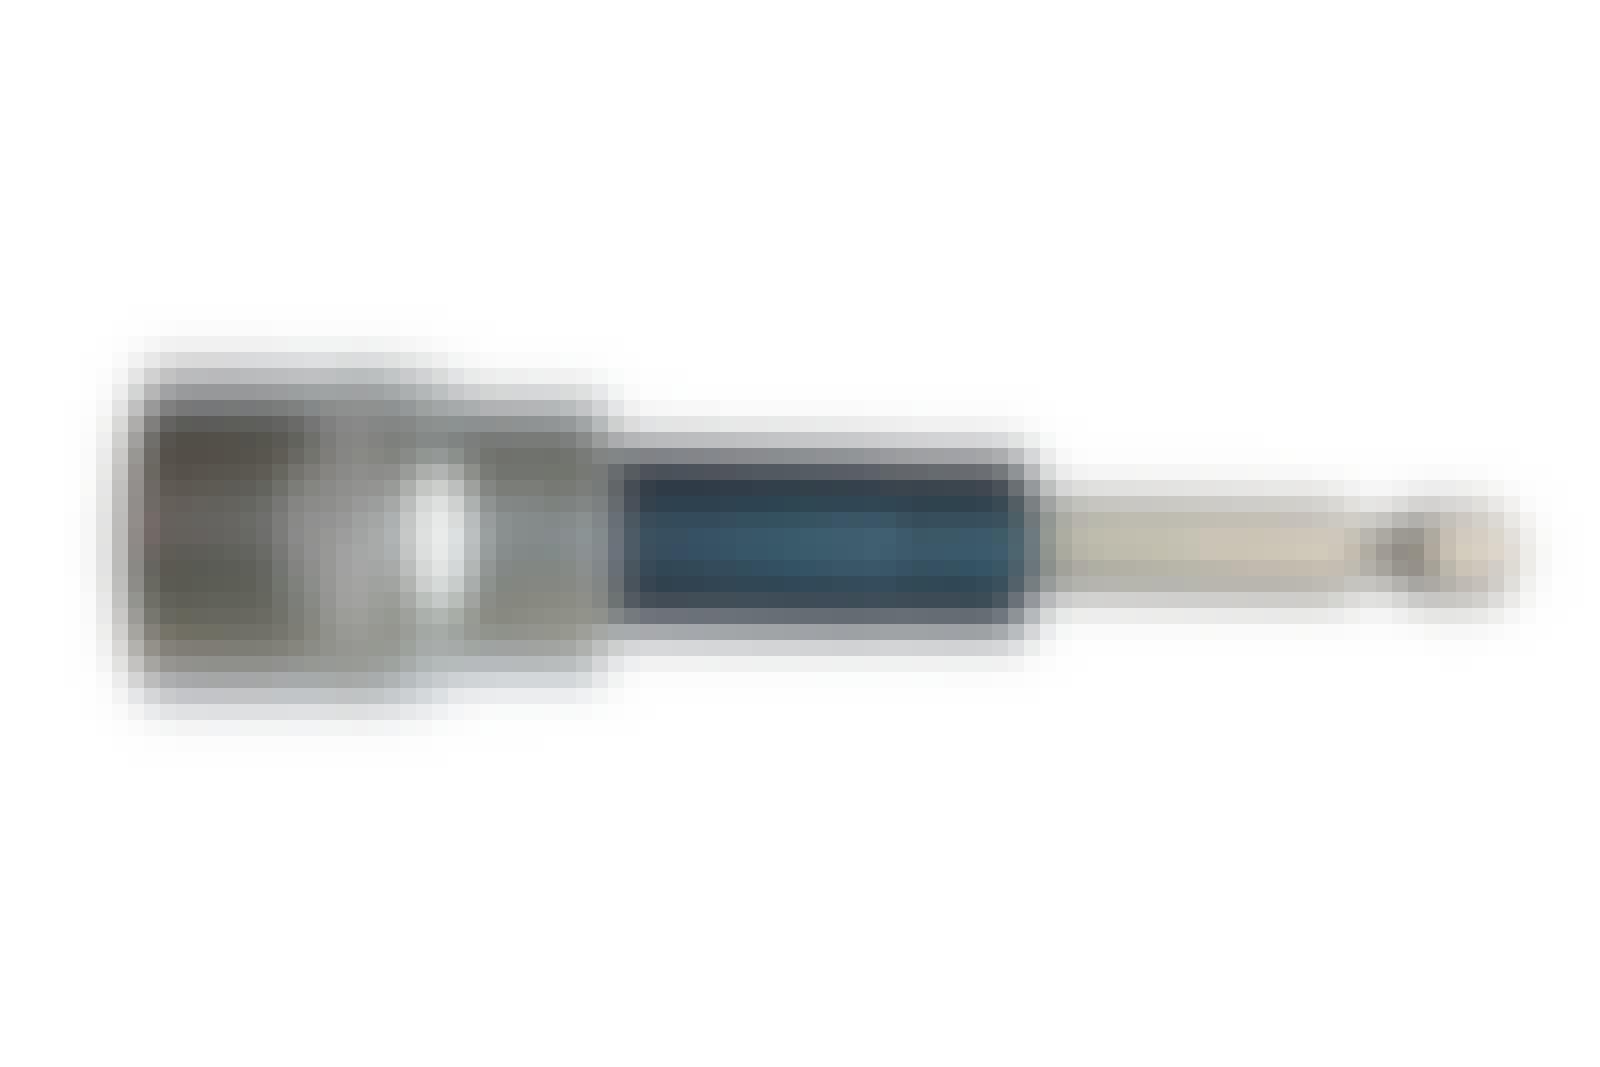 Mutterdragare: Mutterdragaren kan användas till däckbyte eller andra hårda bultar